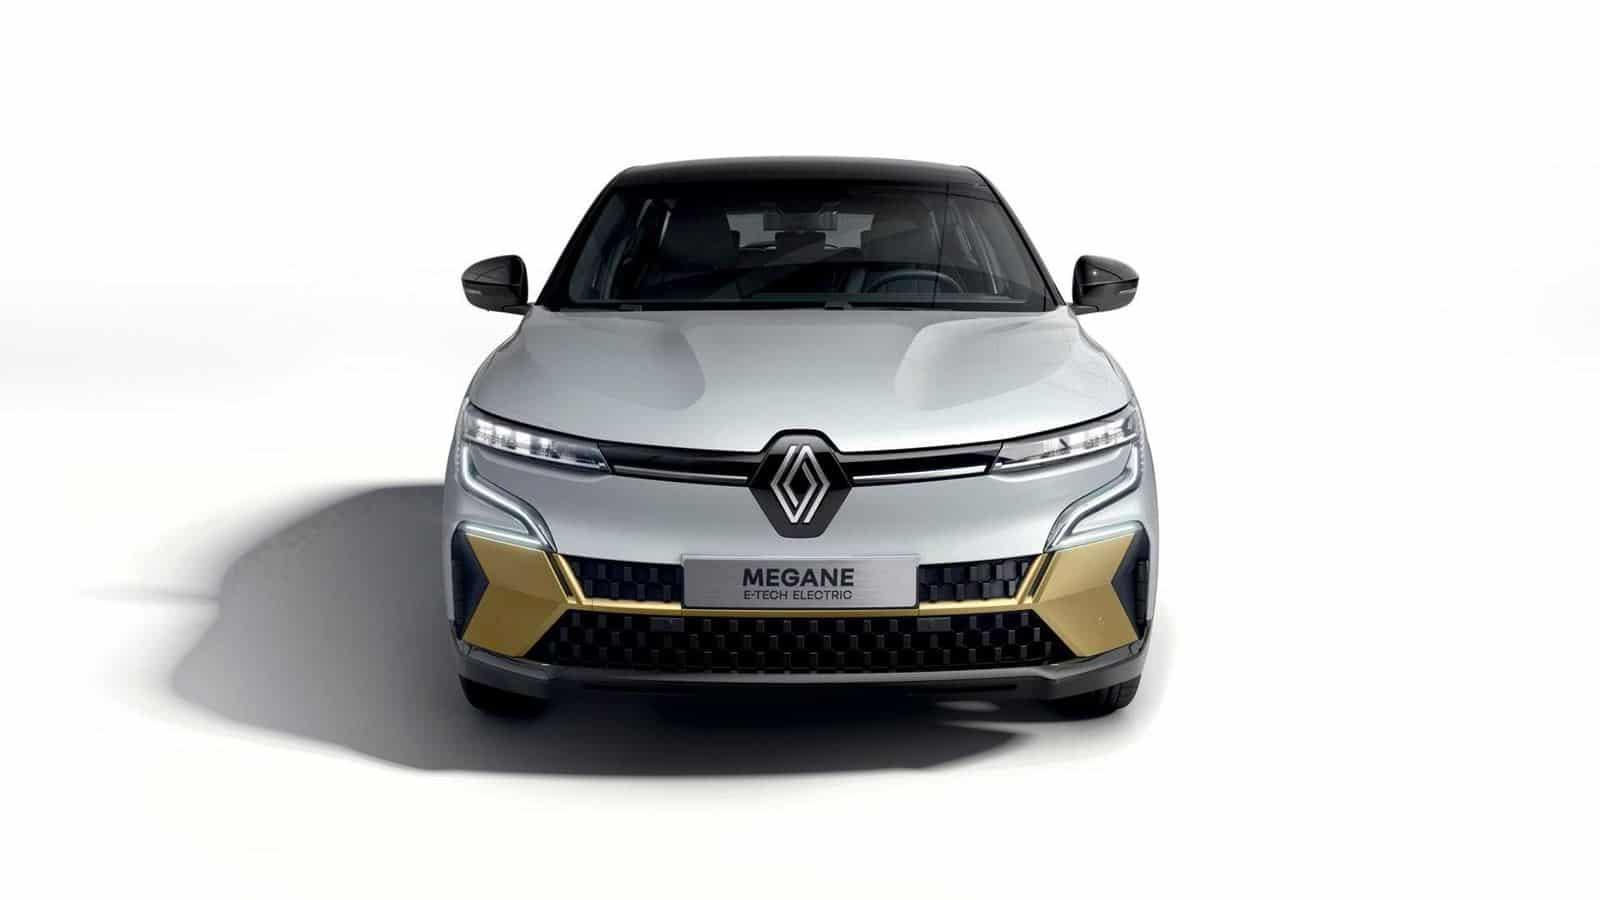 Renault Mégane E-TECH frontal